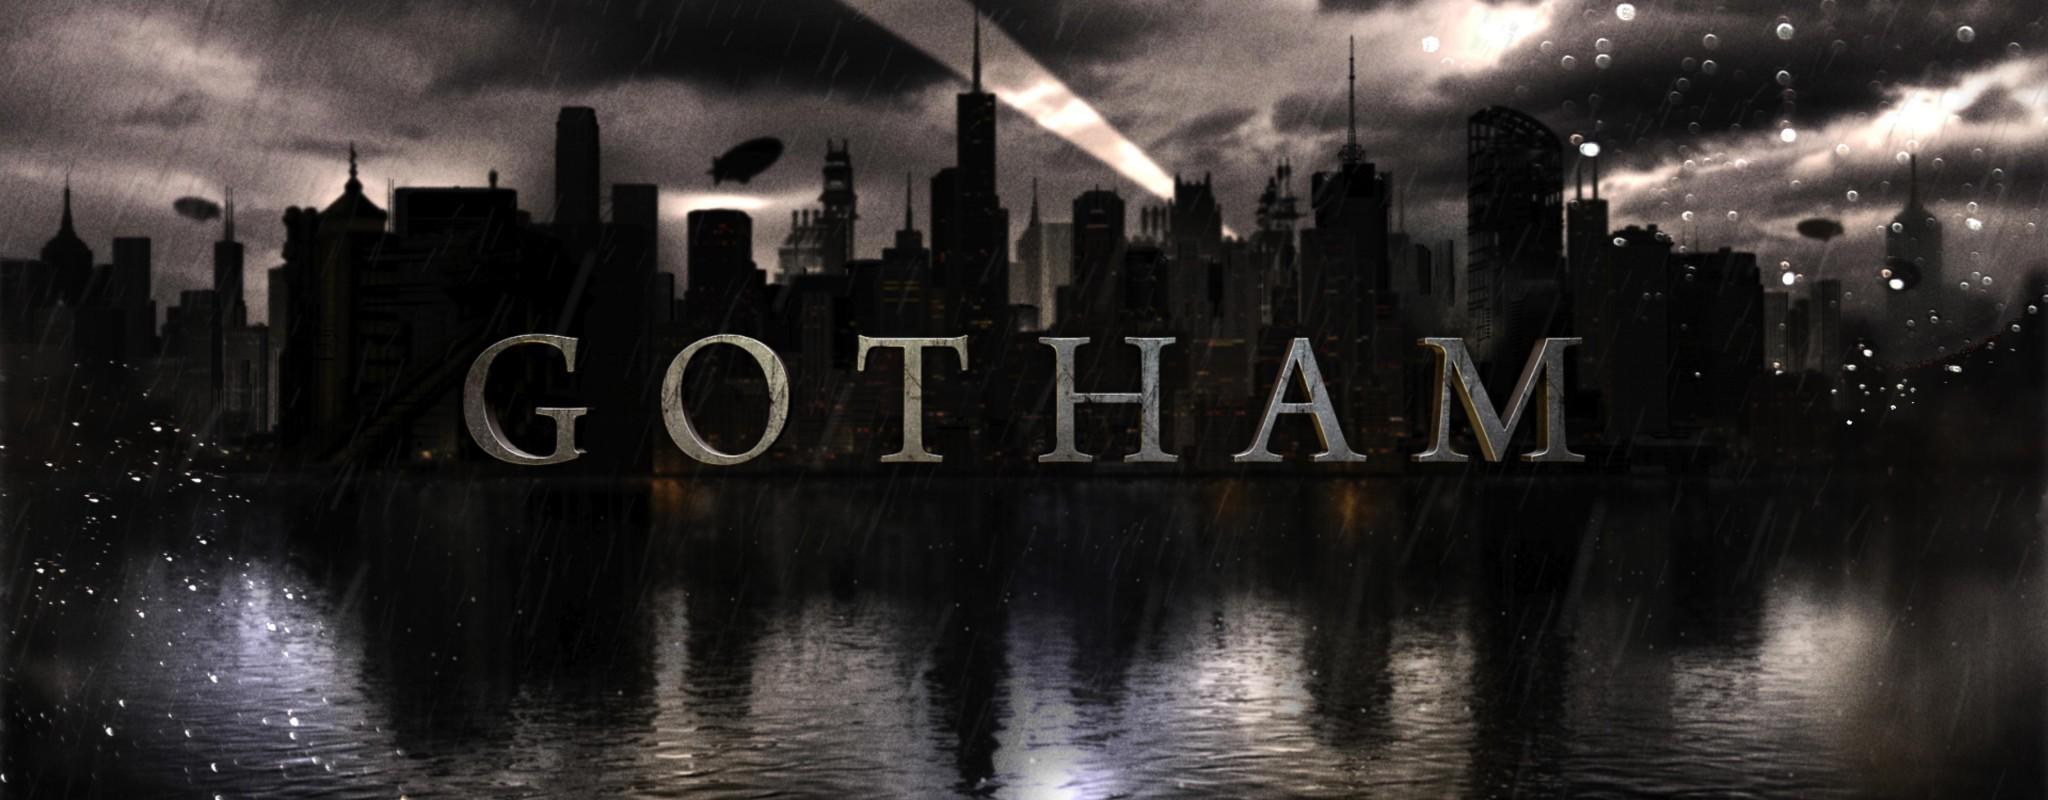 gotham-poster2-saison-1